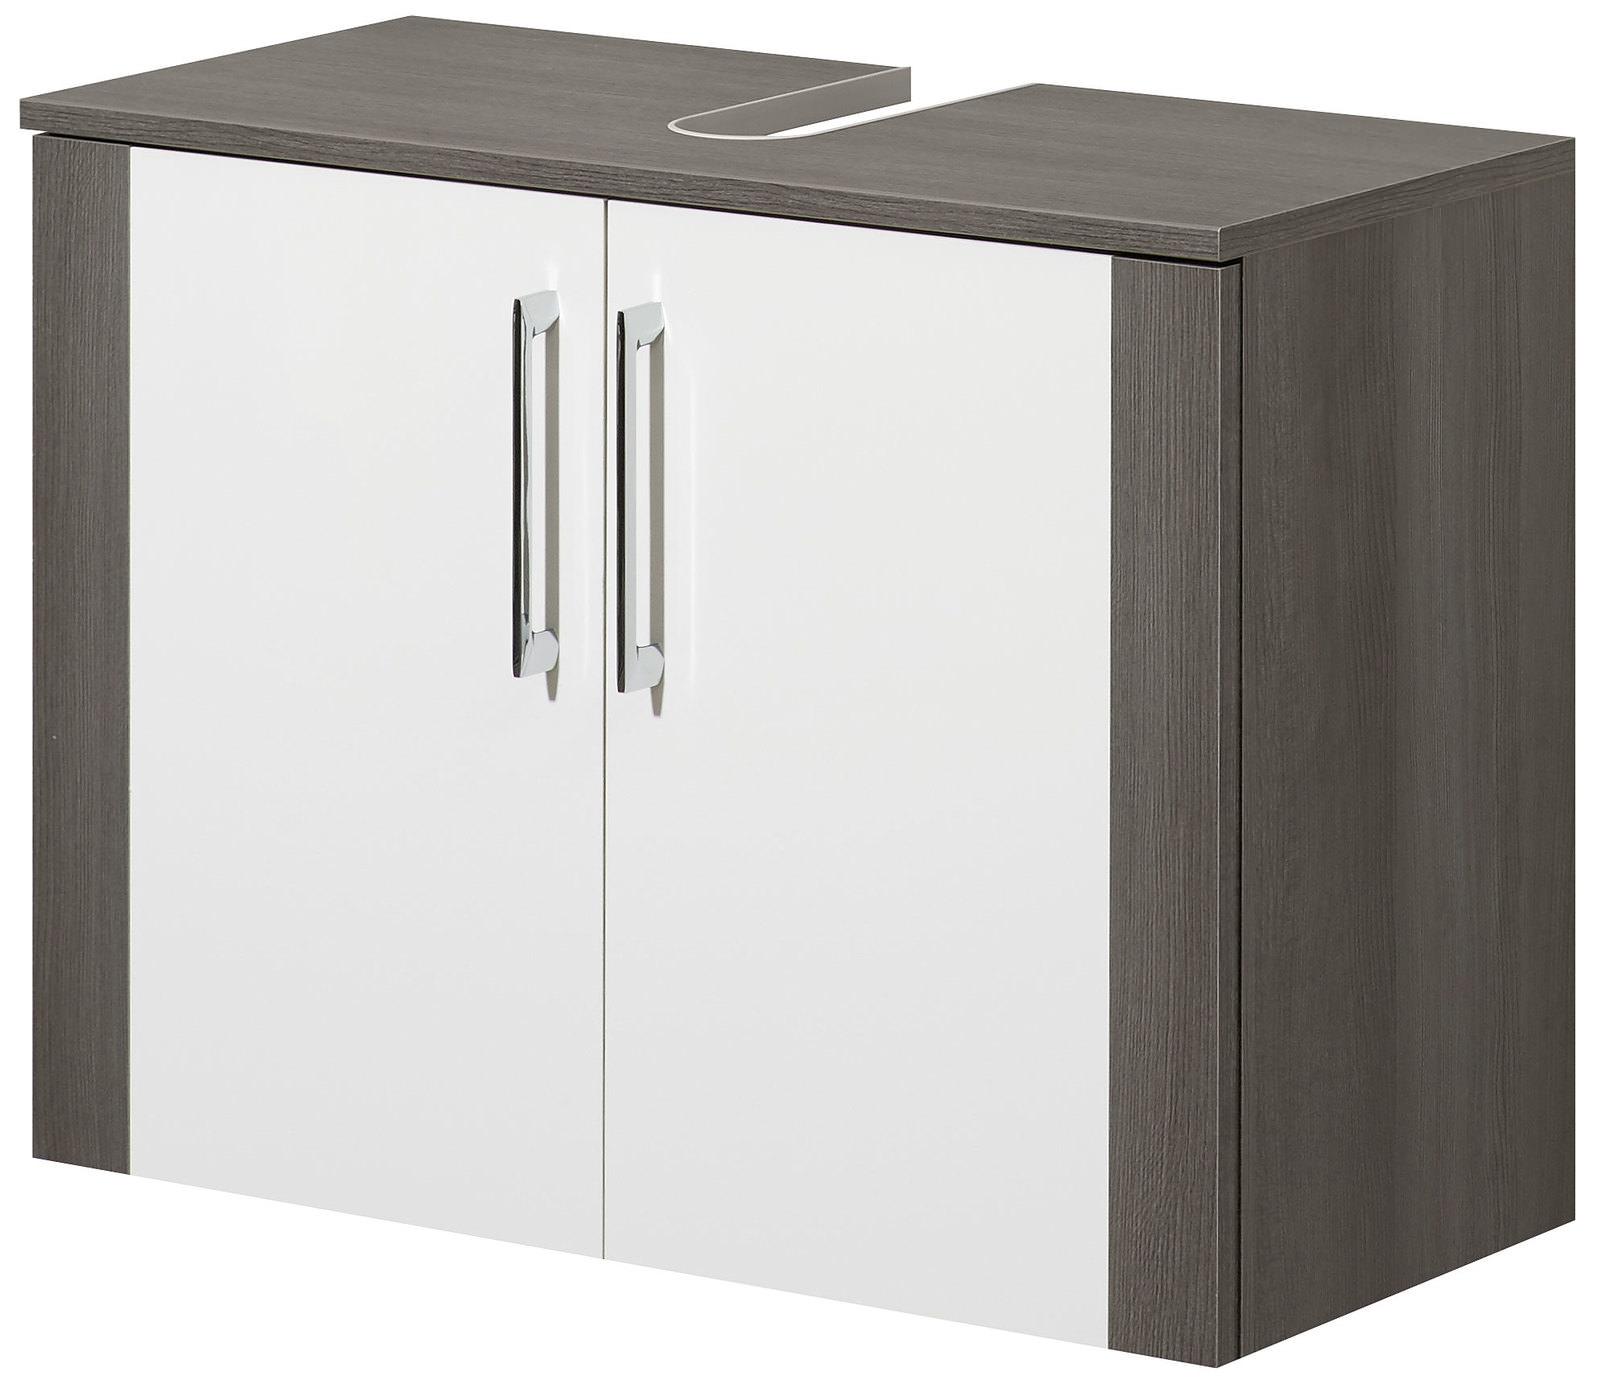 vito Waschbeckenunterschrank online entdecken   Schaffrath - Ihr ...